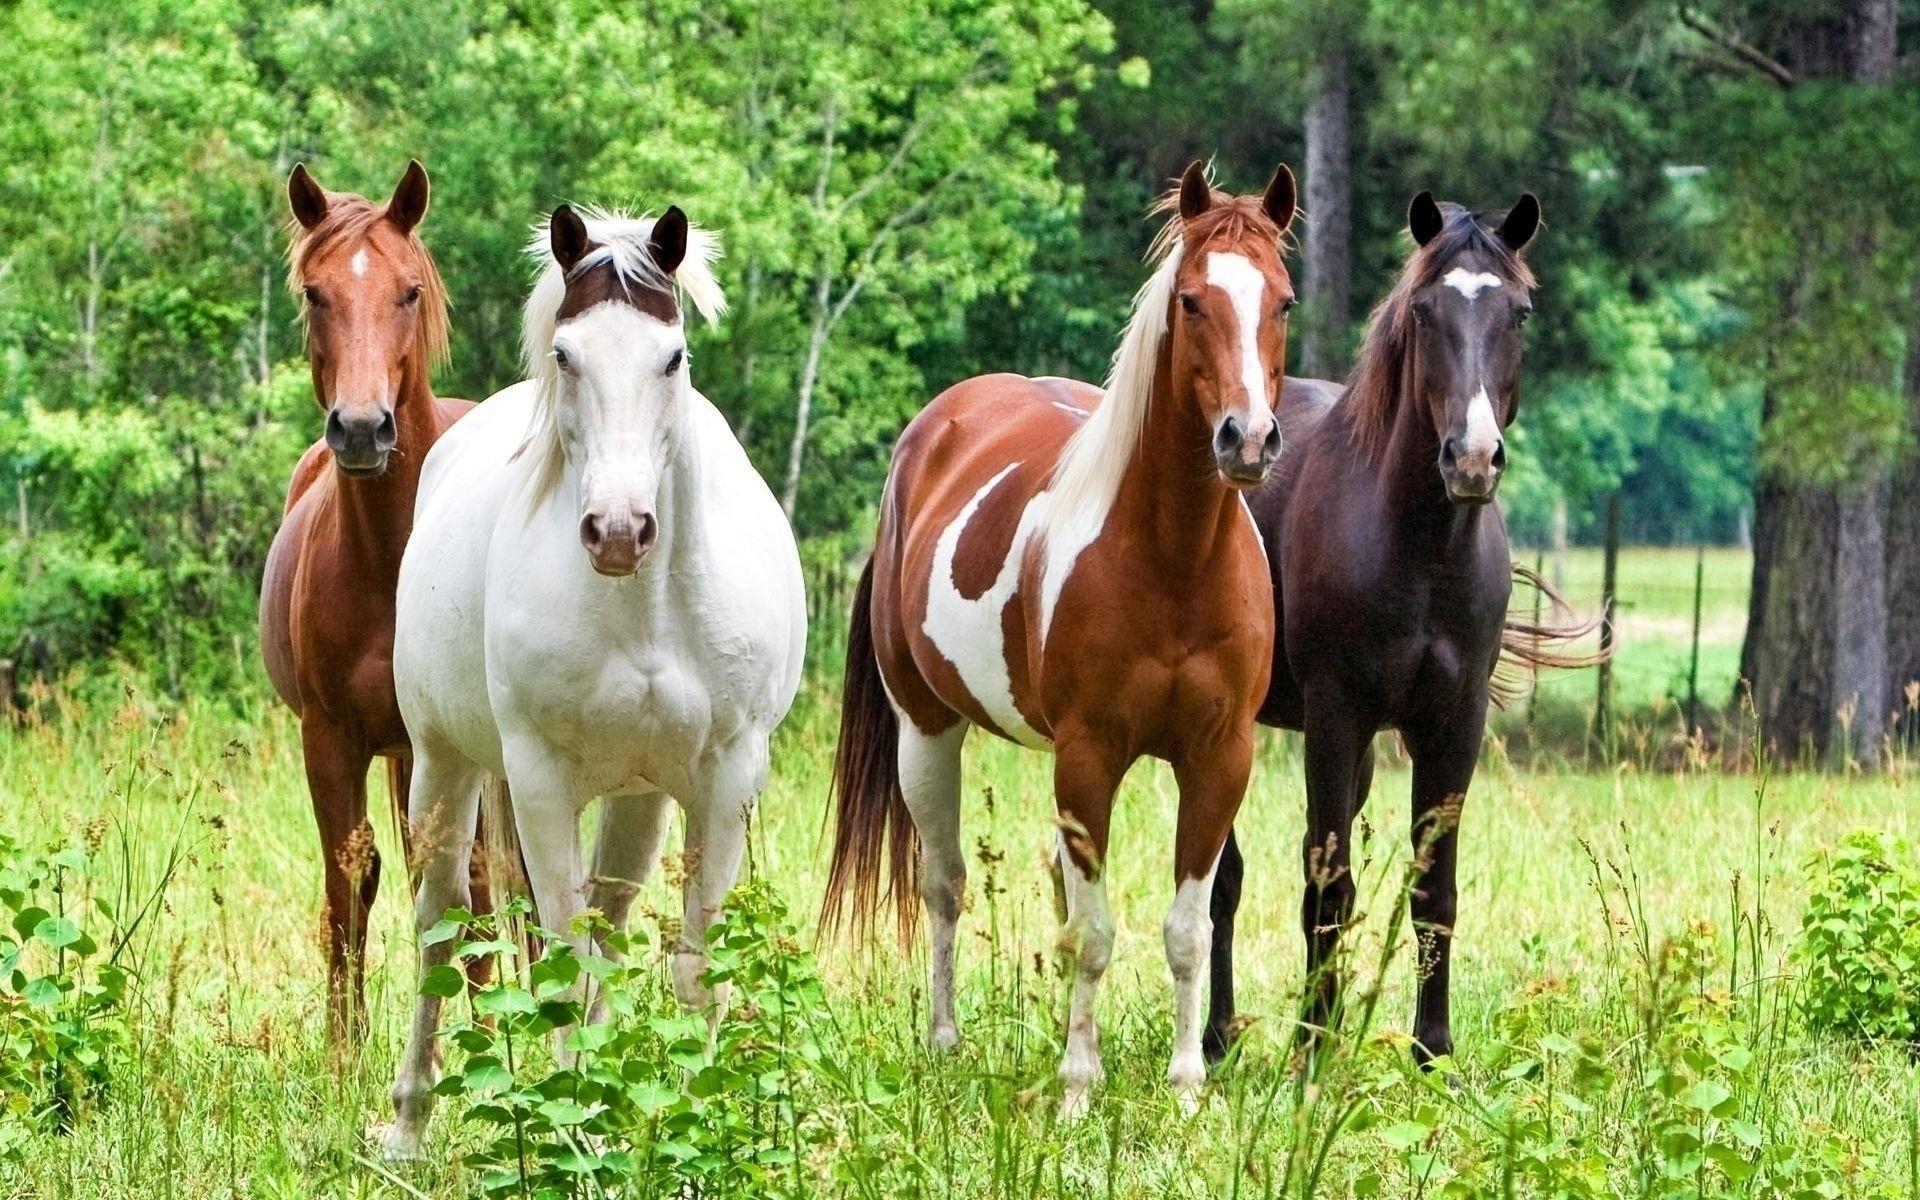 картинки с тремя лошадьми чувствовал